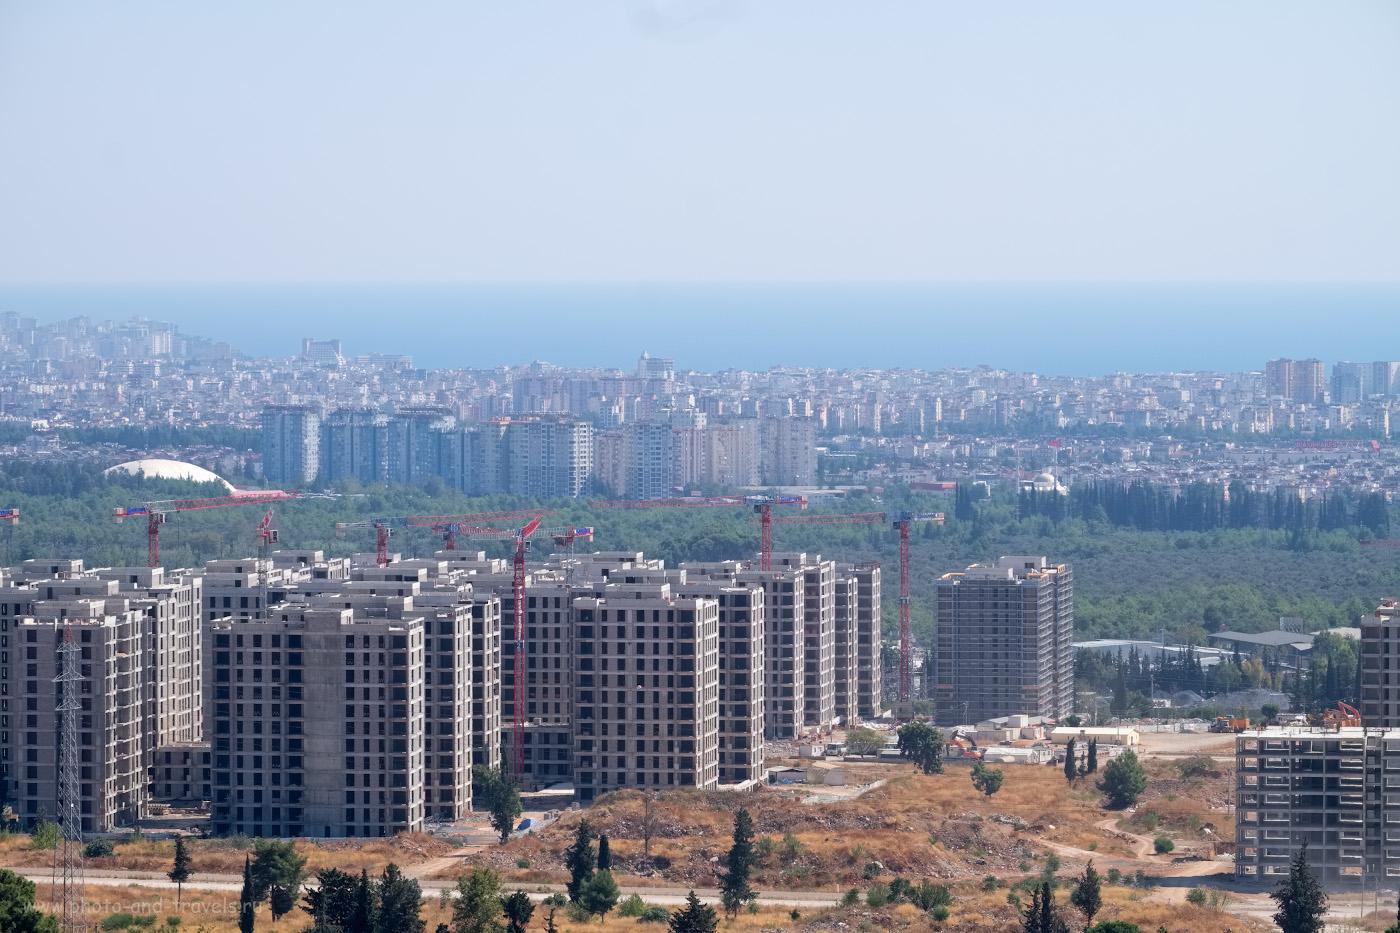 27. Прямо массовое строительство жилья. Что меня удивило в Турции? 1/340, 9.0, 200, +0.33, 128.